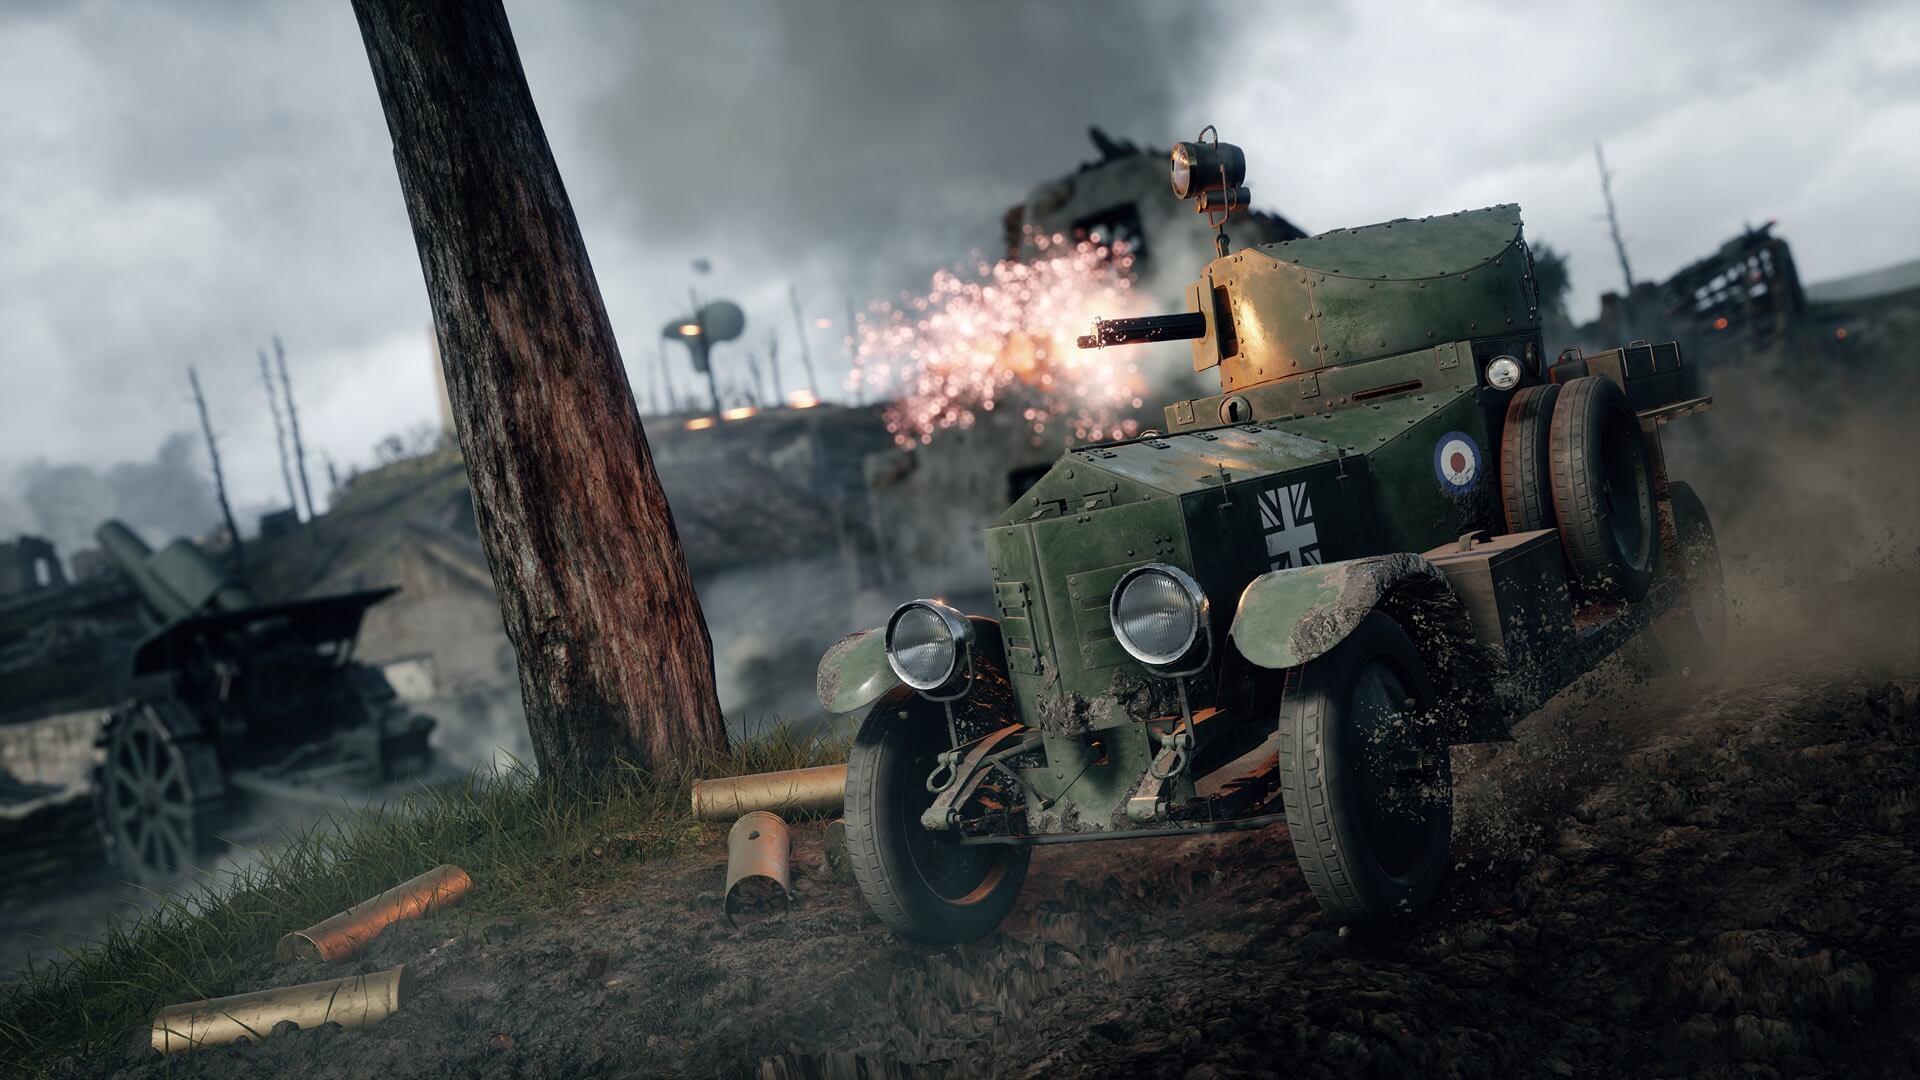 Premium Trials in Battlefield 1